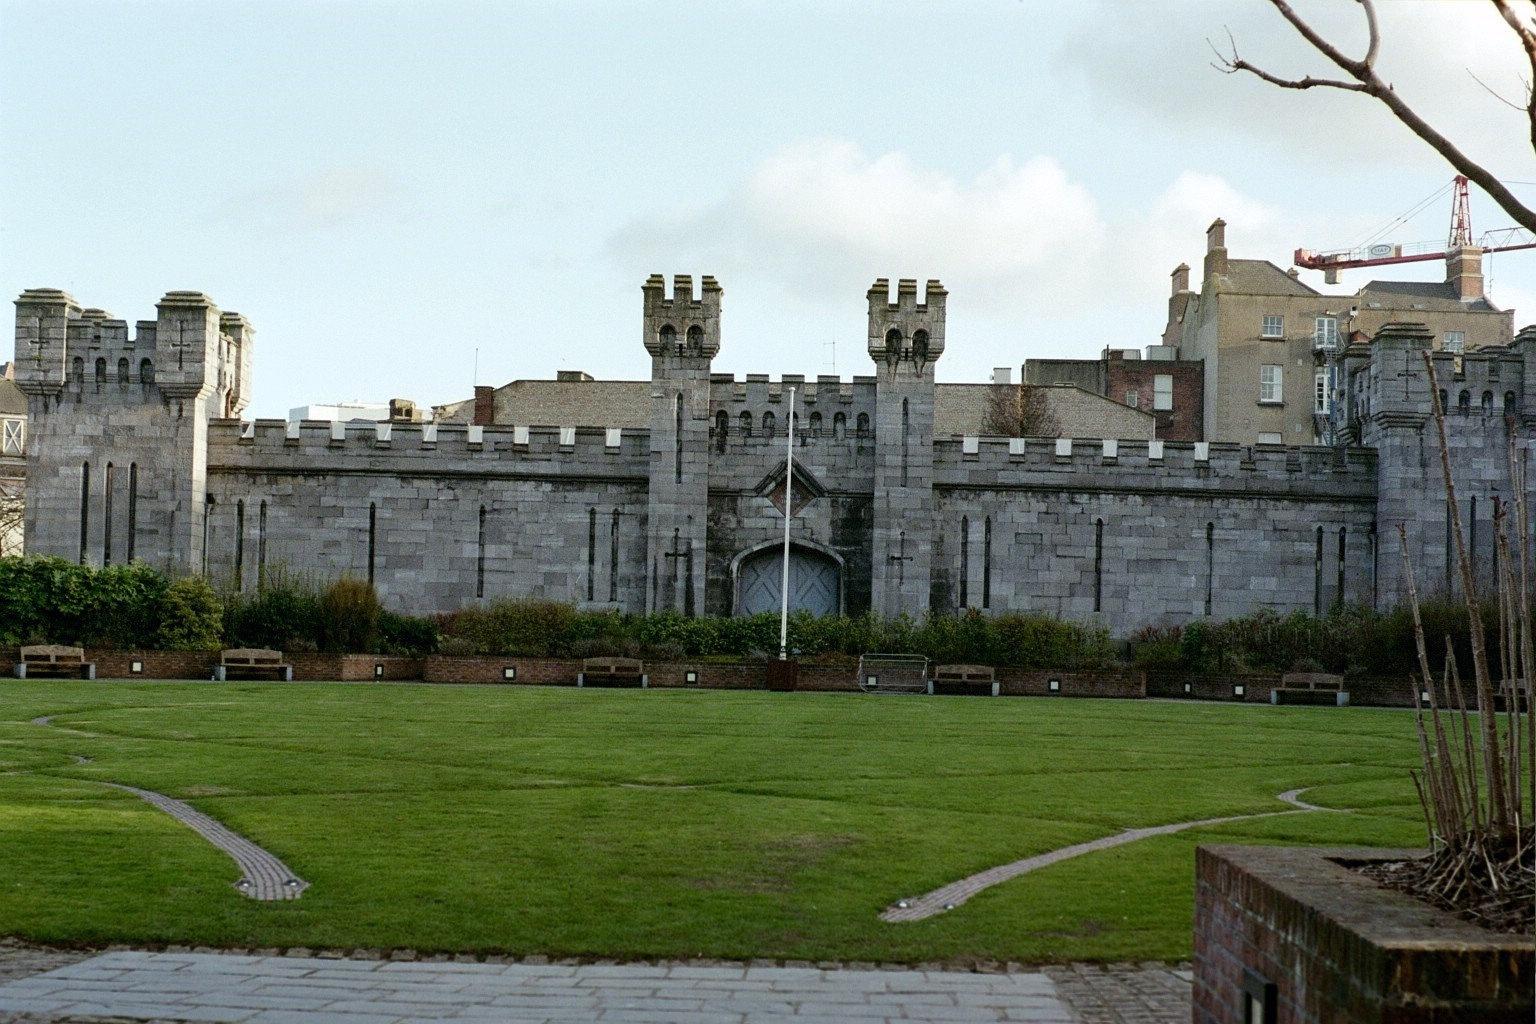 Dublin Castle in 2003 - Castles Photo (1216295) - Fanpop